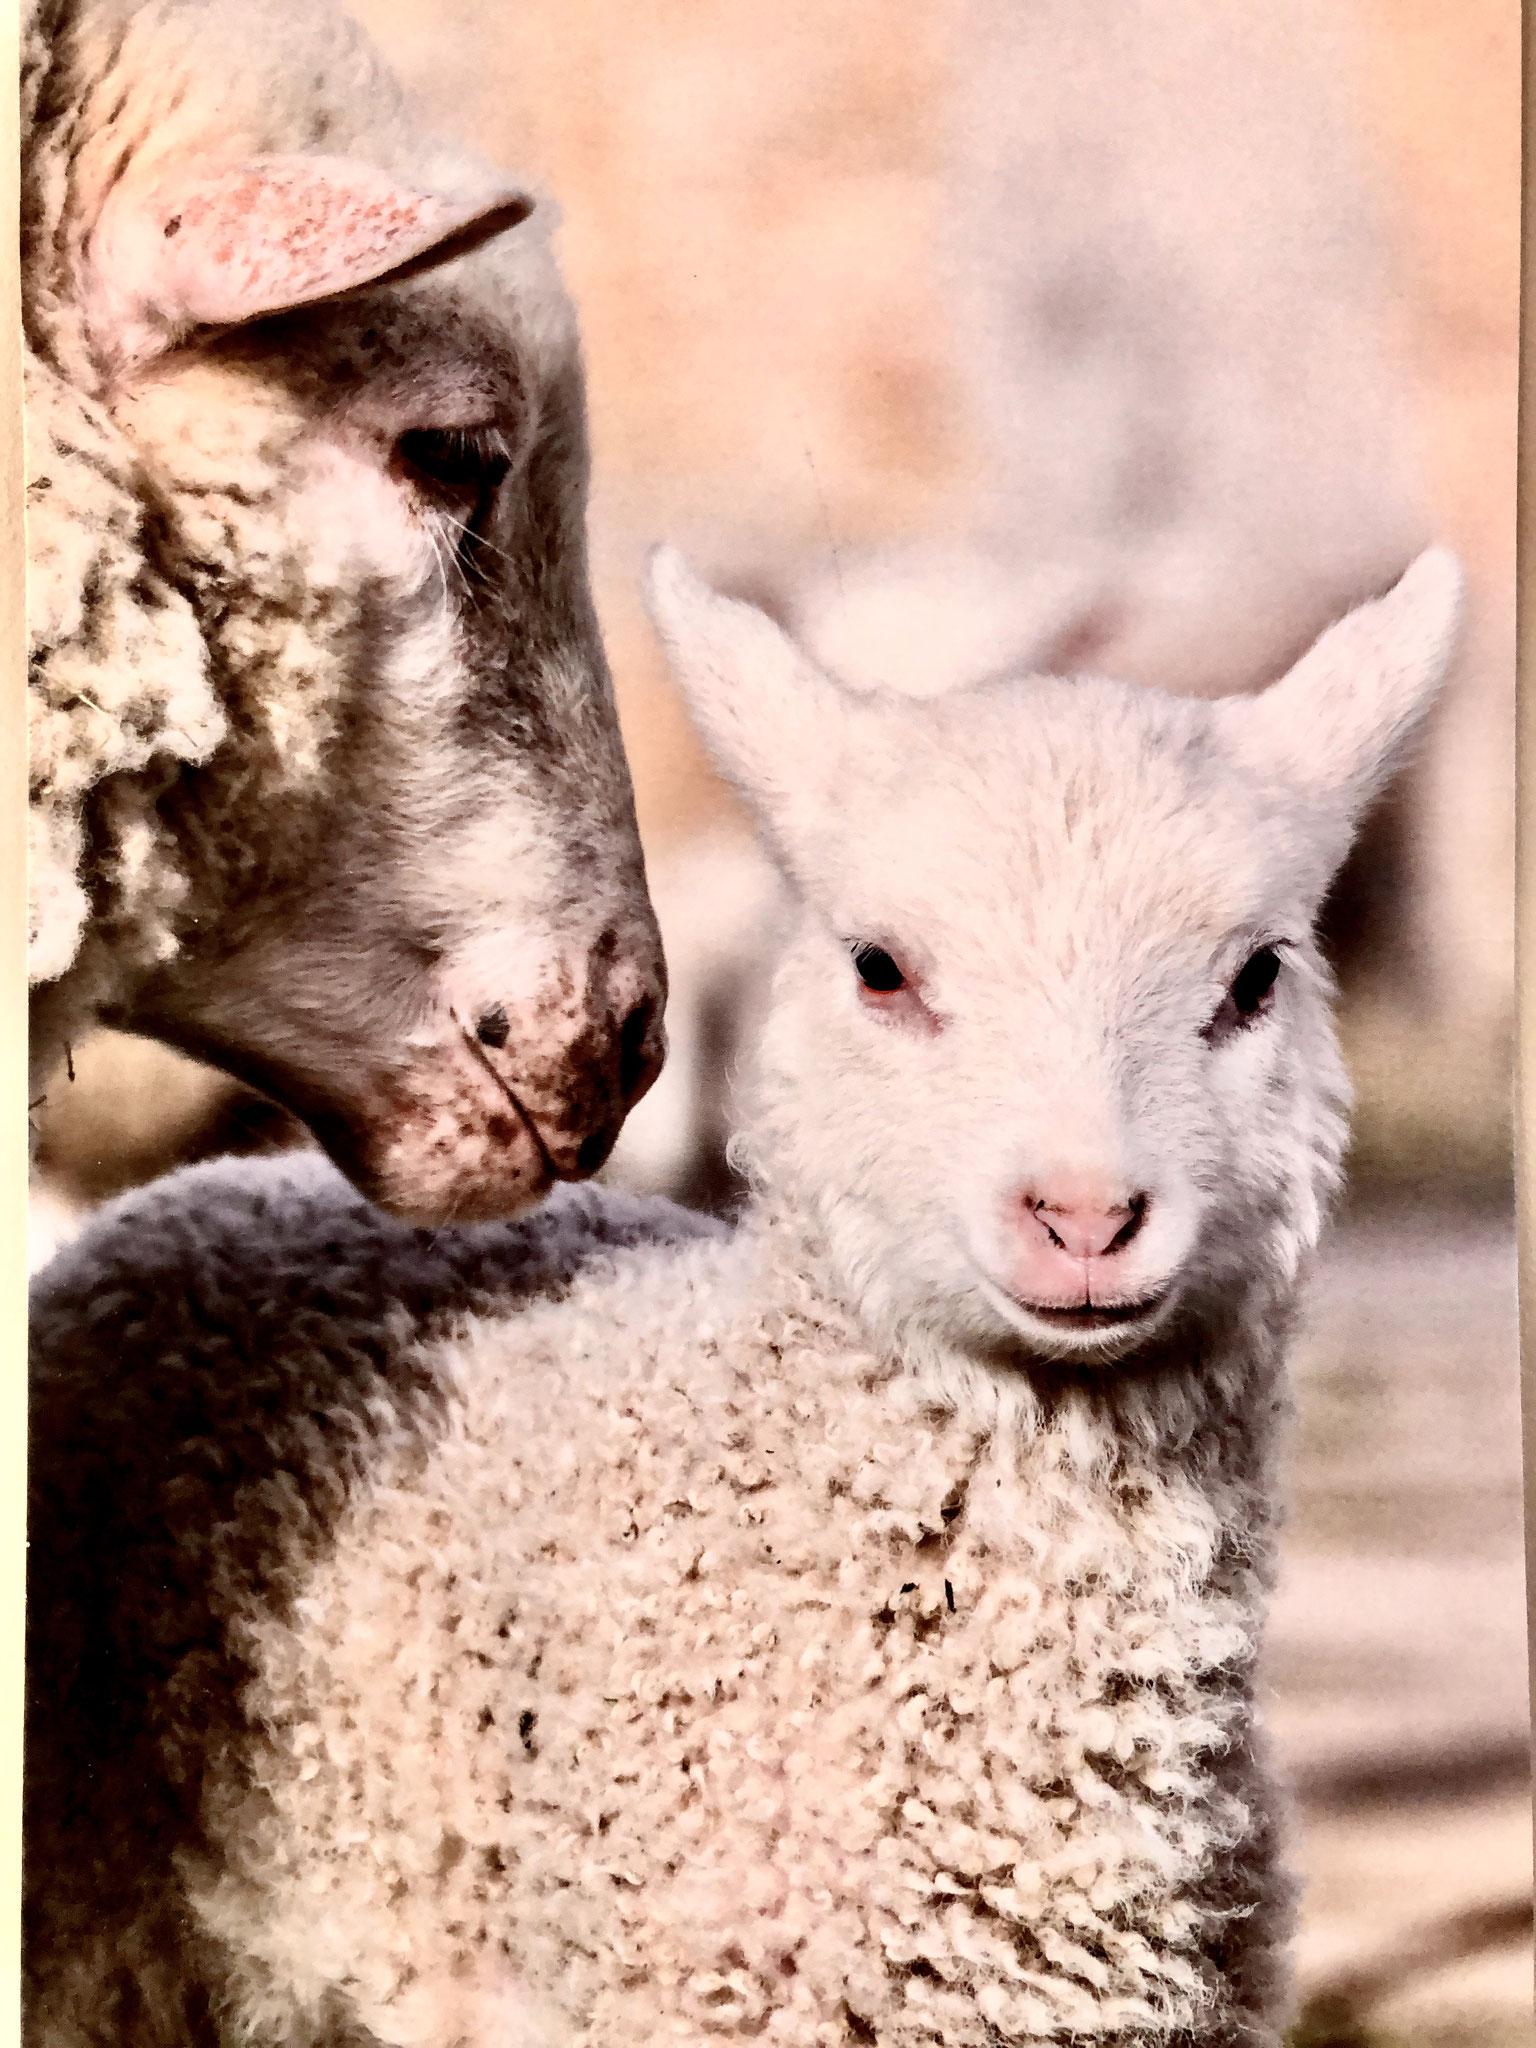 Mamma und ihr Lamm